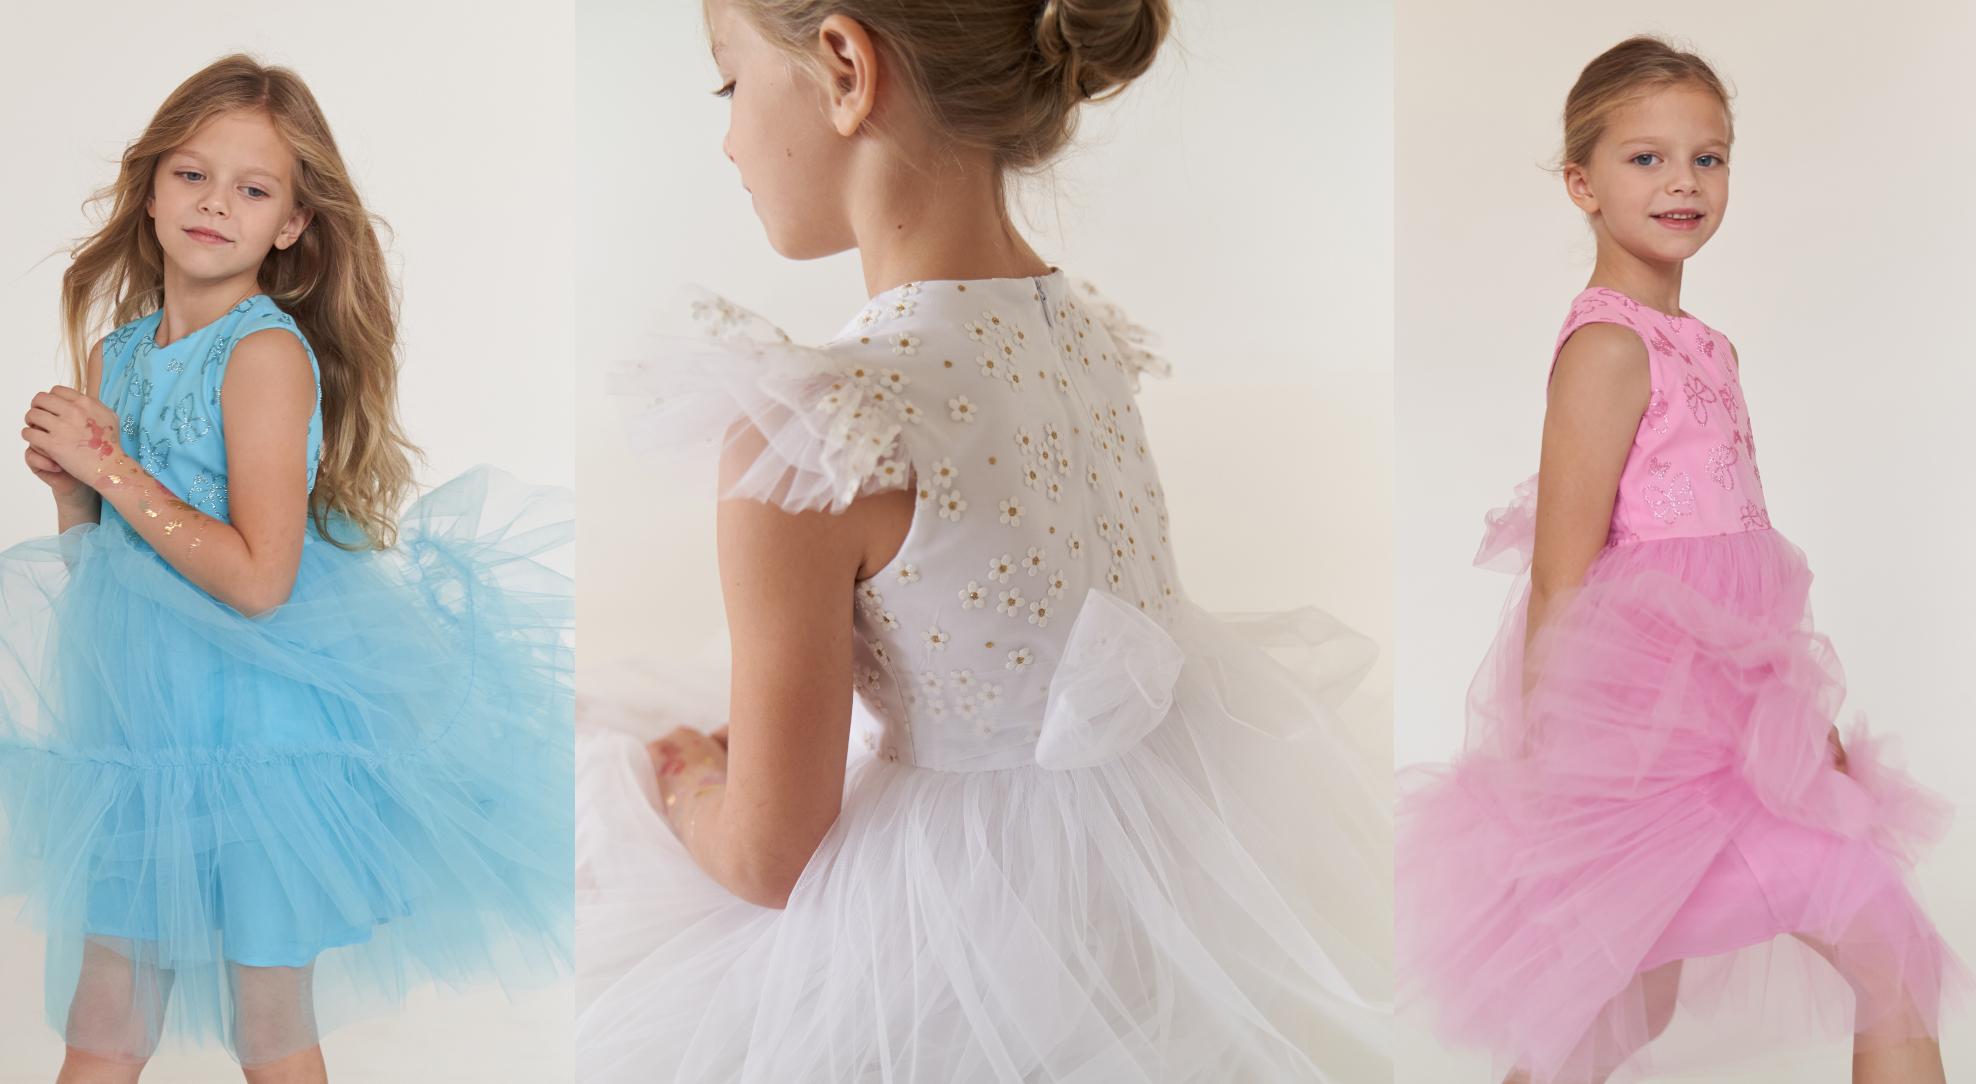 Пышное платье принцессы - когда, если не в детстве?